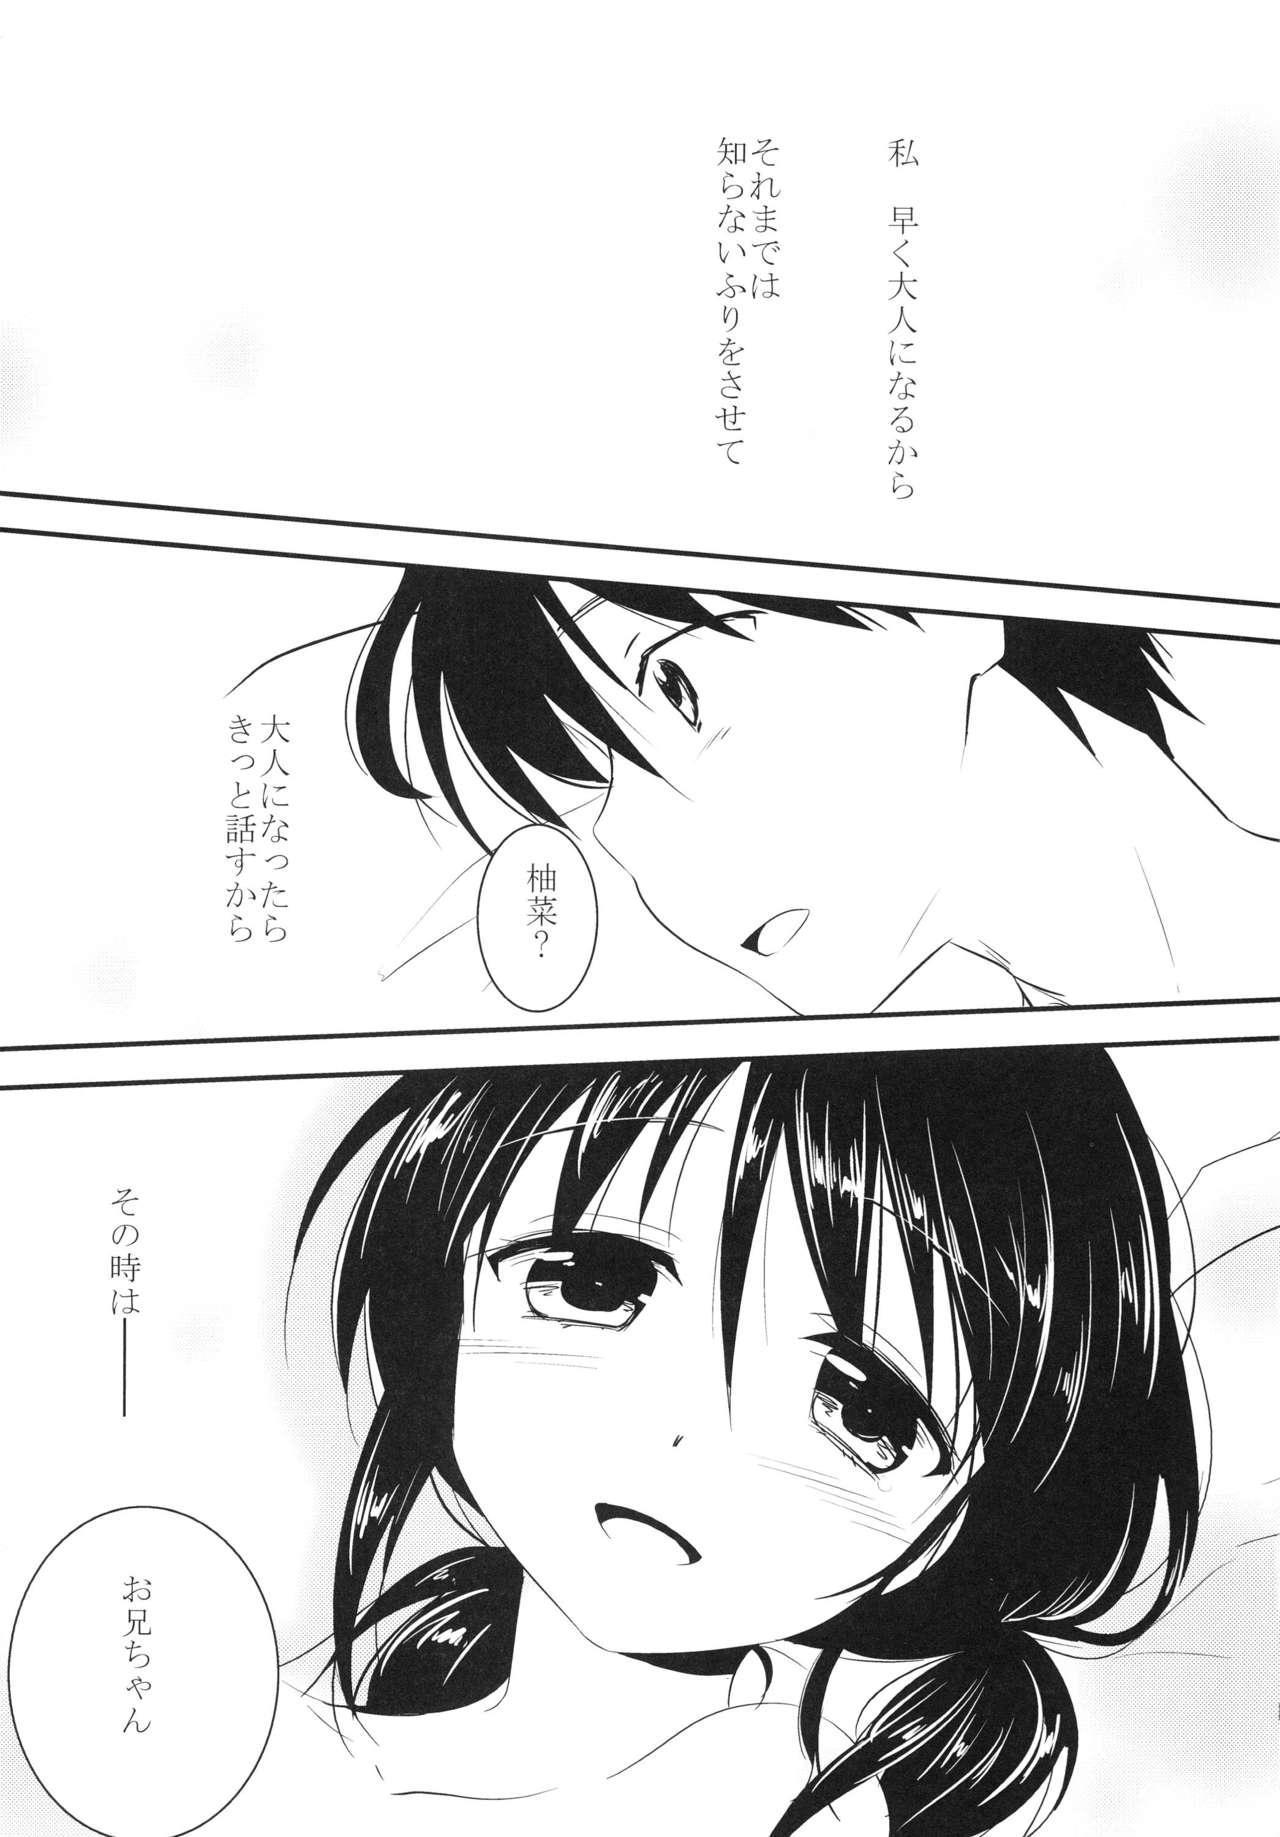 Imouto wa Shiranai 16